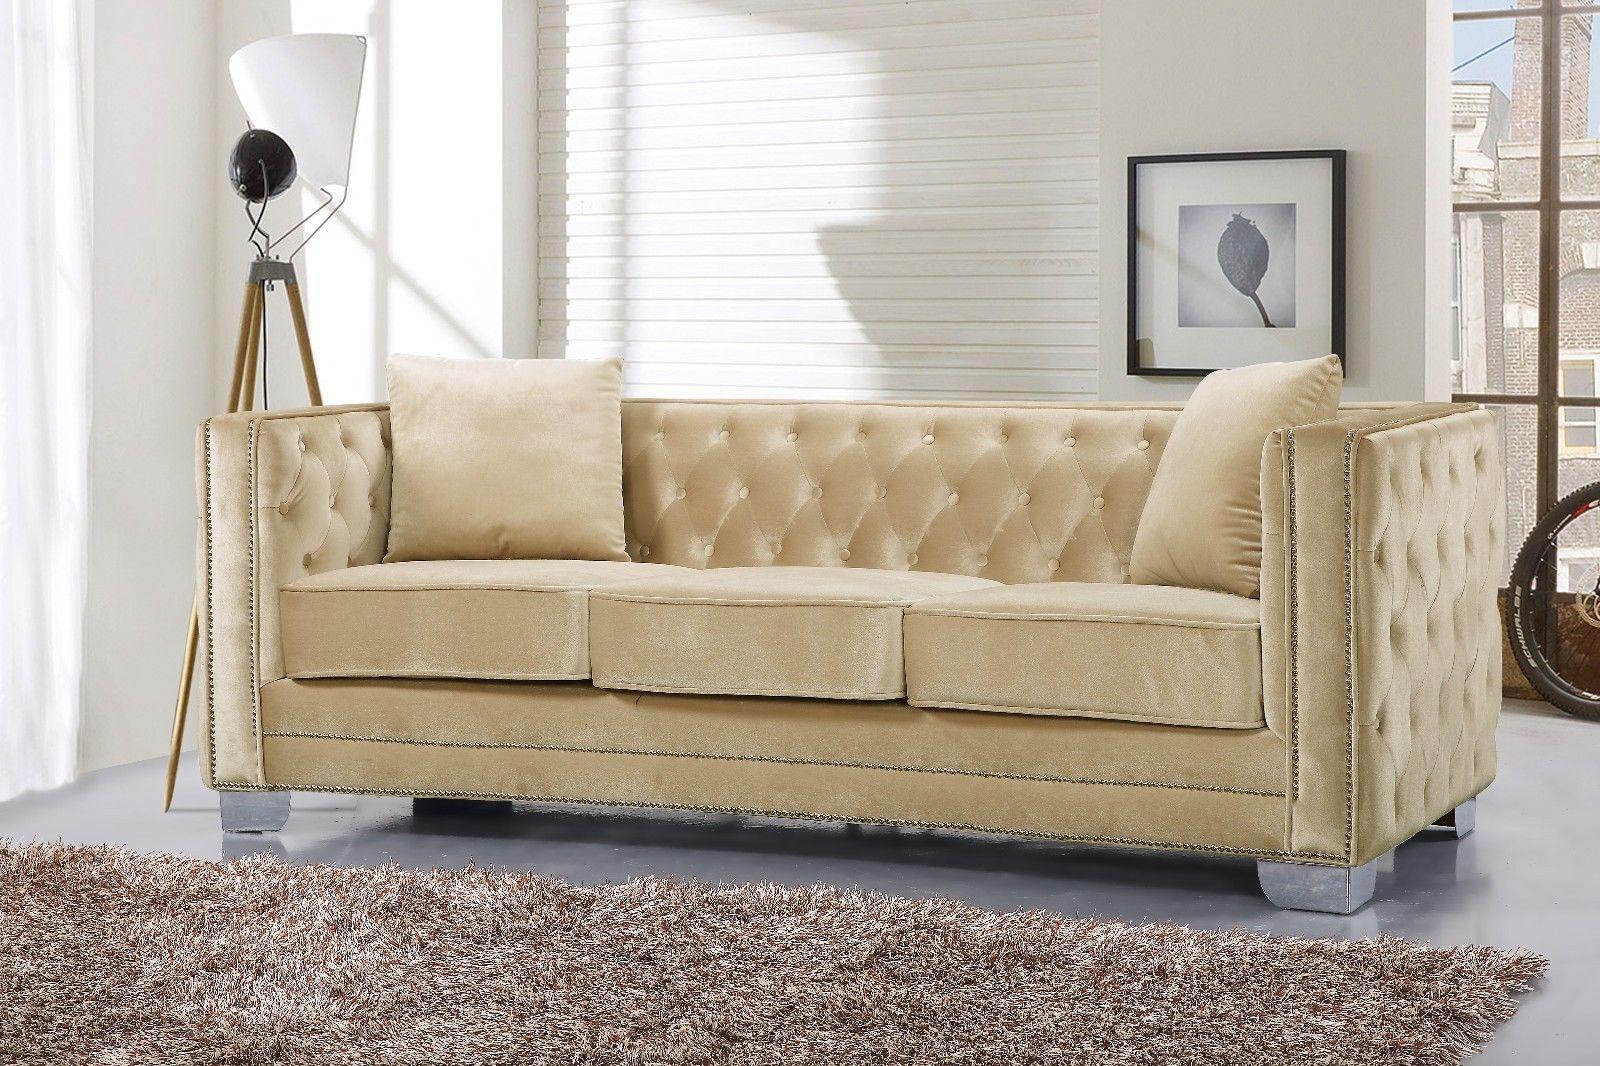 Meridian 648 Velvet Living Room Sofa Tufted Beige Contemporary Style